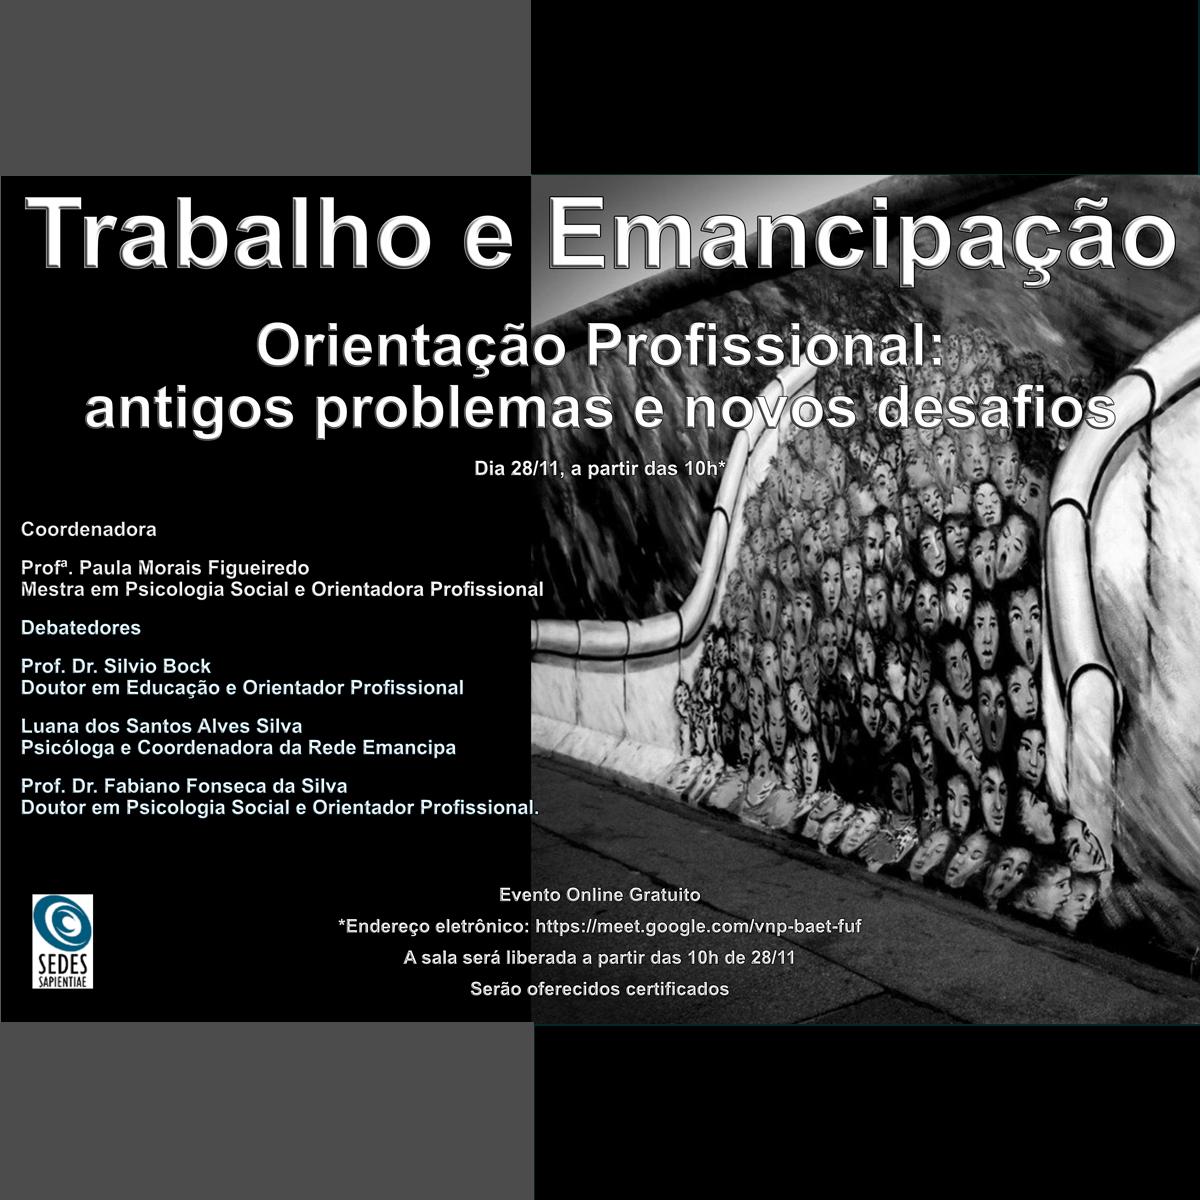 Trabalho e Emancipação – Orientação Profissional: antigos problemas e novos desafios